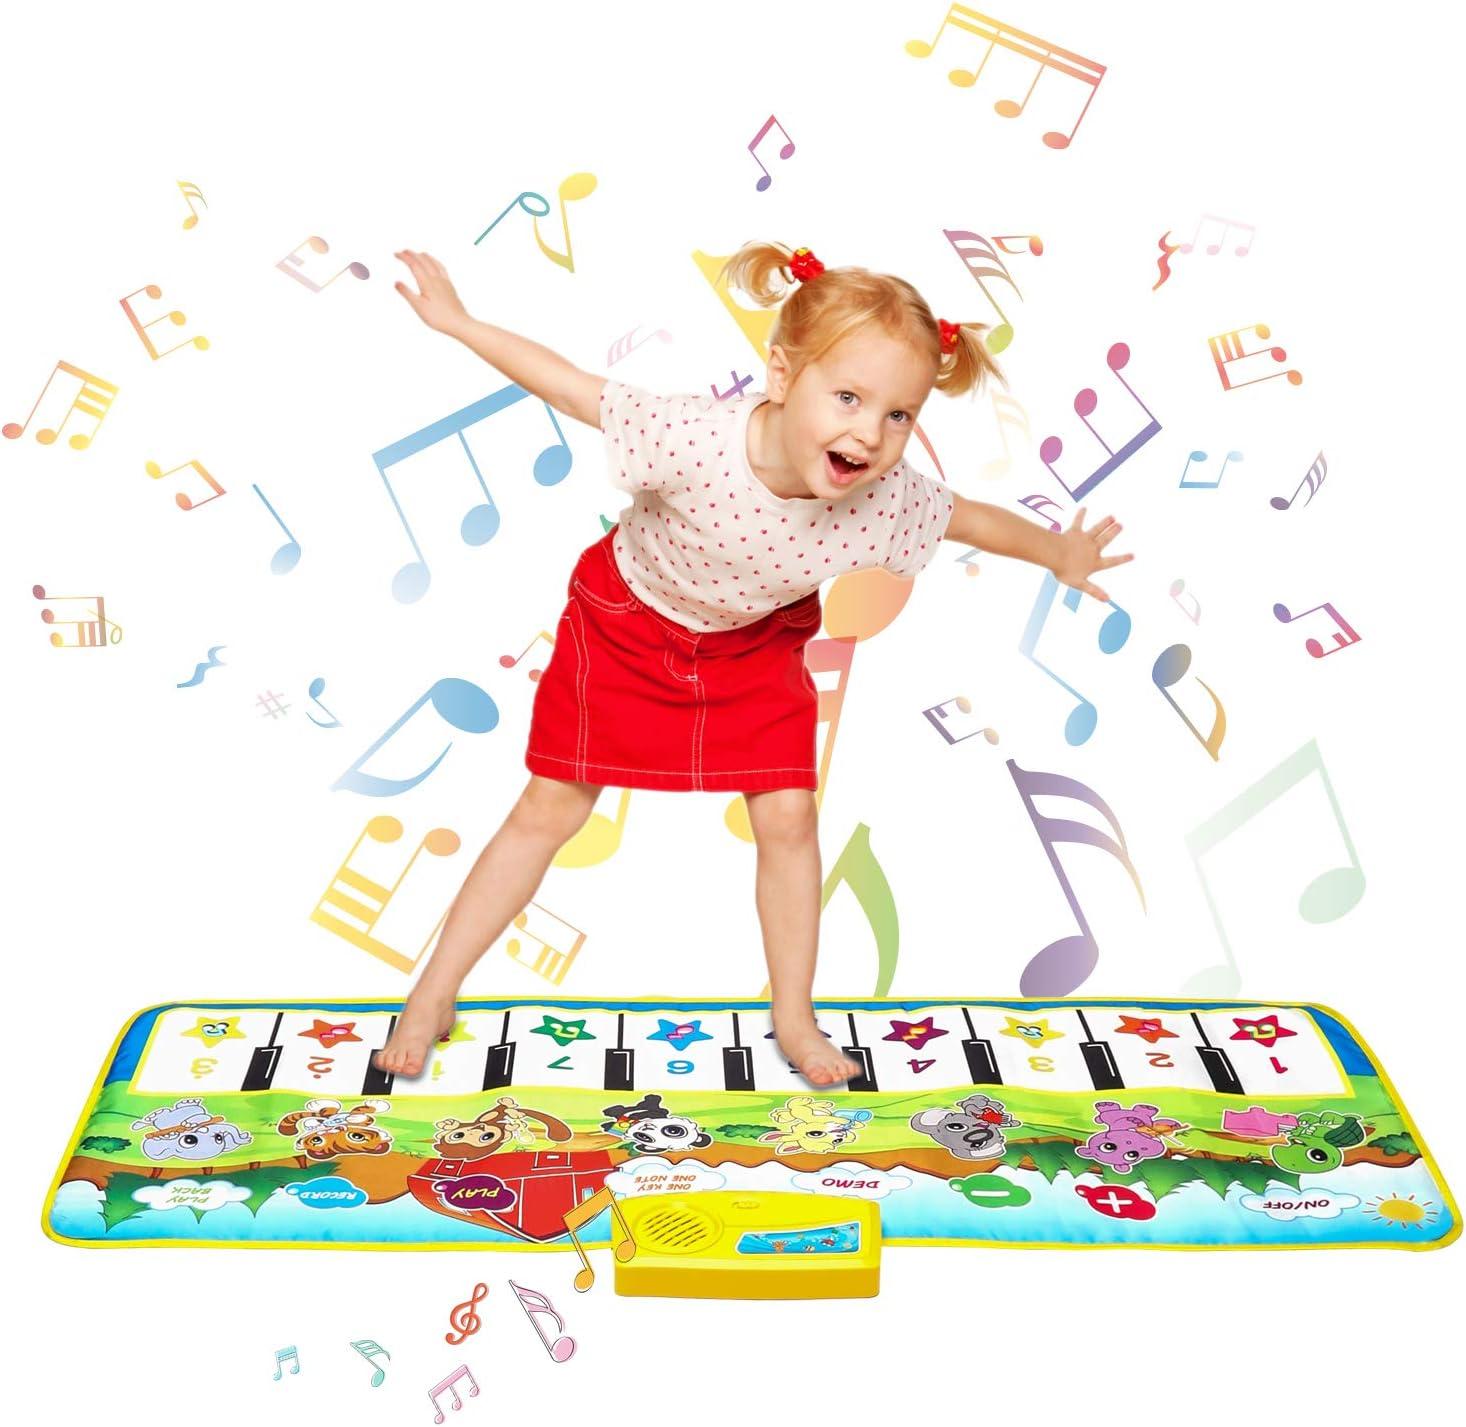 Shayson Alfombra para Piano,Alfombra para Piano Musical Educativa Electrónica Portátil 100*36 cm para Bebé, Niño, Niña Navidad Halloween Regalo